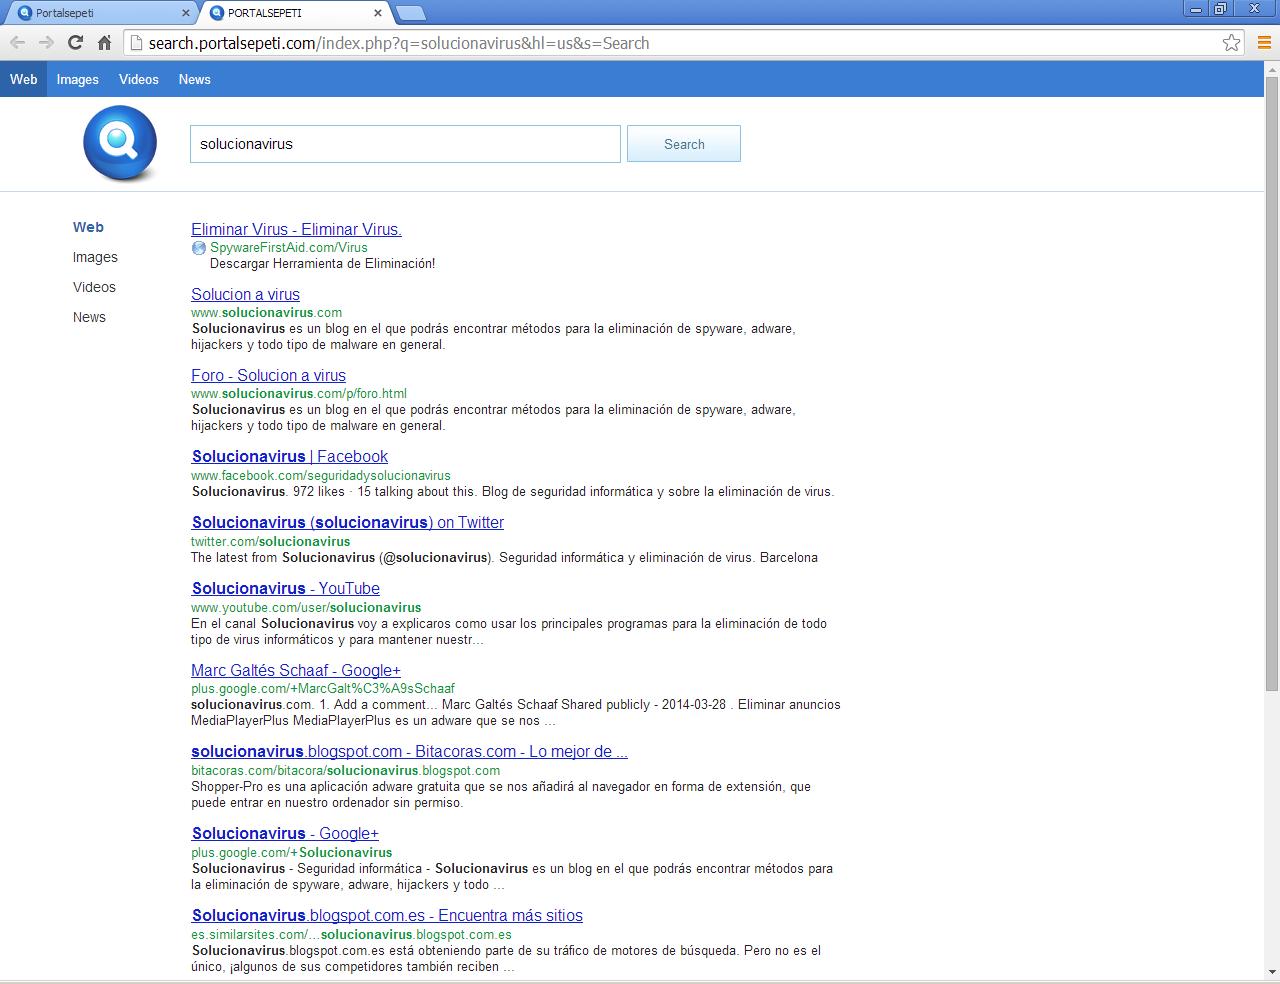 Resultados de búsqueda Portalsepeti.com